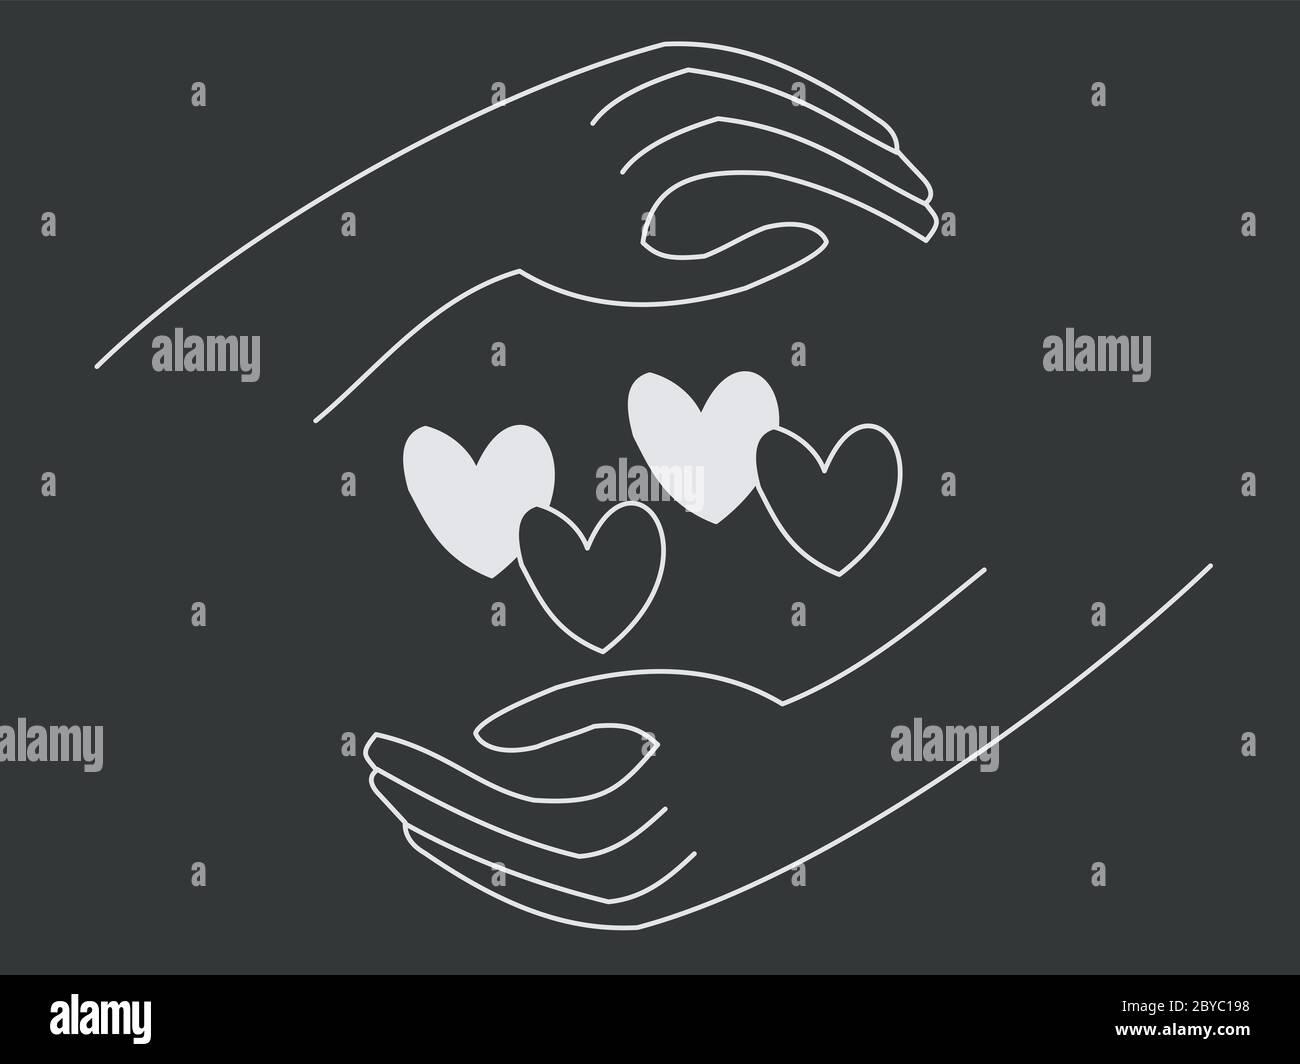 Ilustración de dos manos alrededor de corazones en diferentes colores - concepto de racismo e igualdad - vidas negras importan Foto de stock